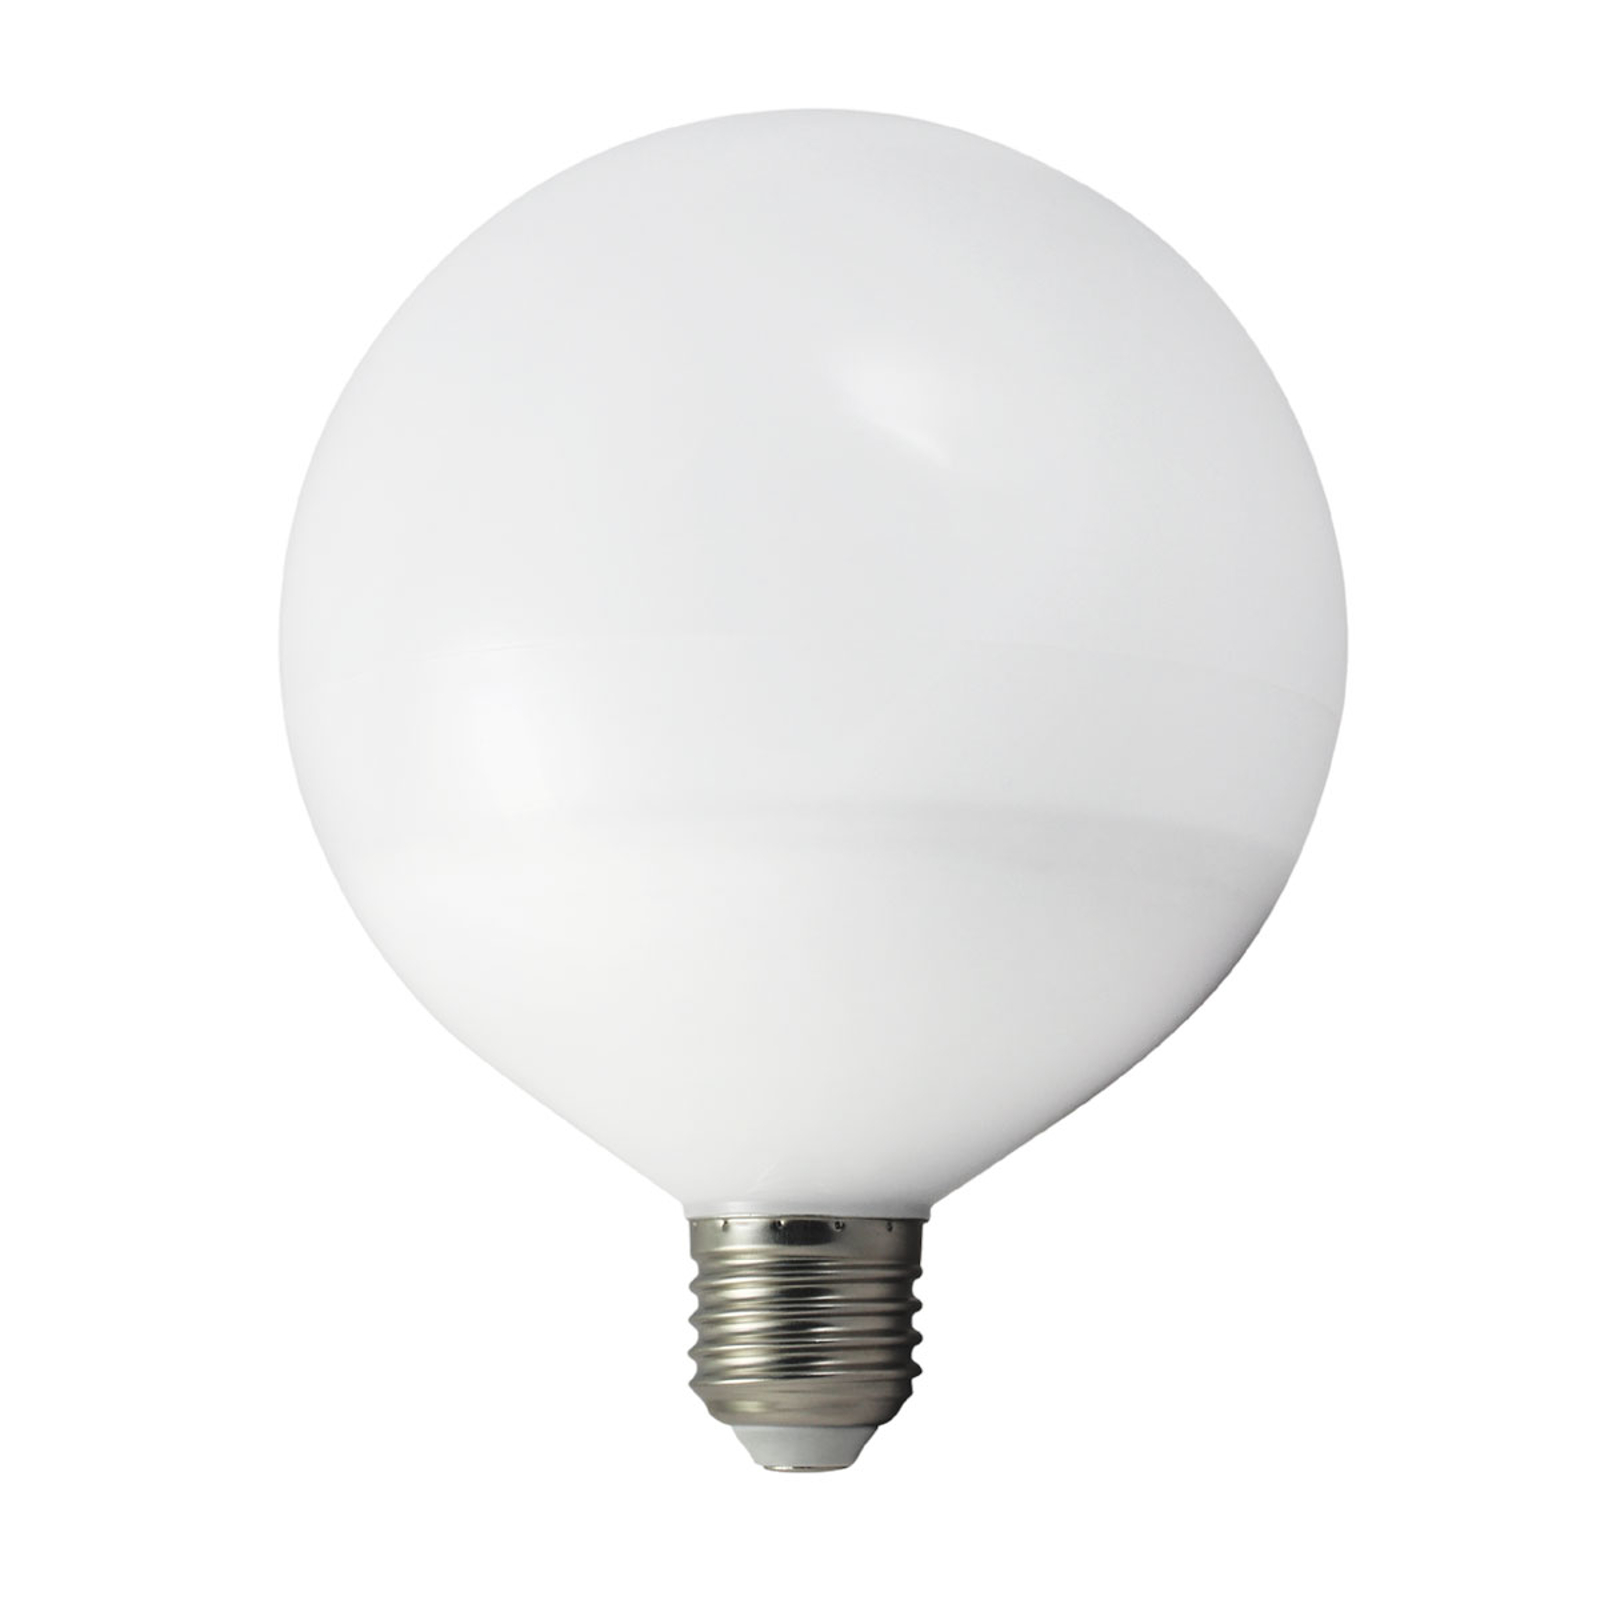 Lampadina LED a globo E27 15 W 827, bianco caldo